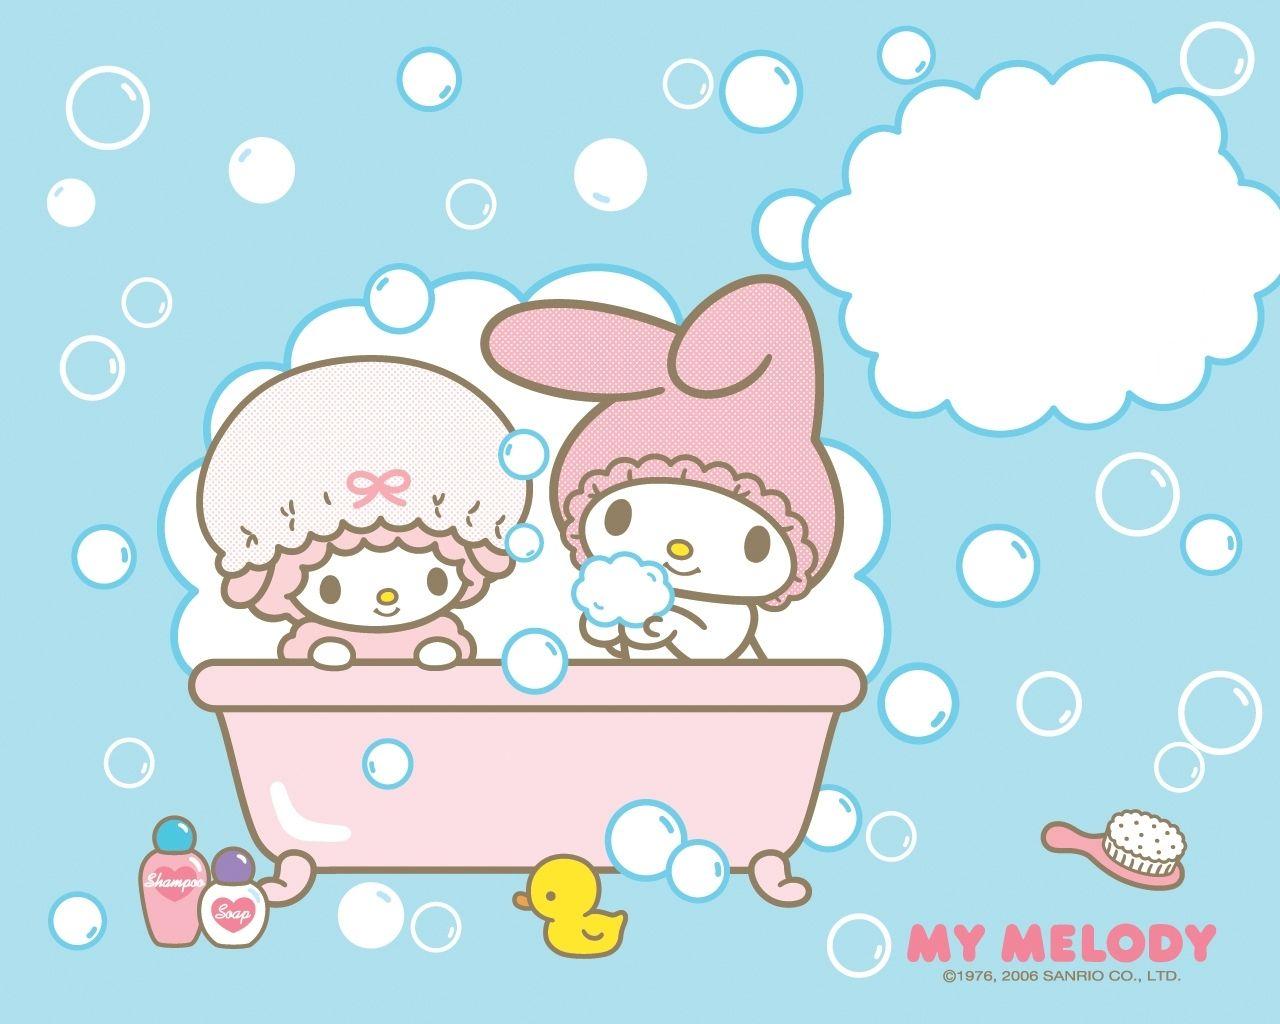 Fantastic Wallpaper Hello Kitty Calendar - 85bf19c2764dda160de4f31239481929  Snapshot_127587.jpg